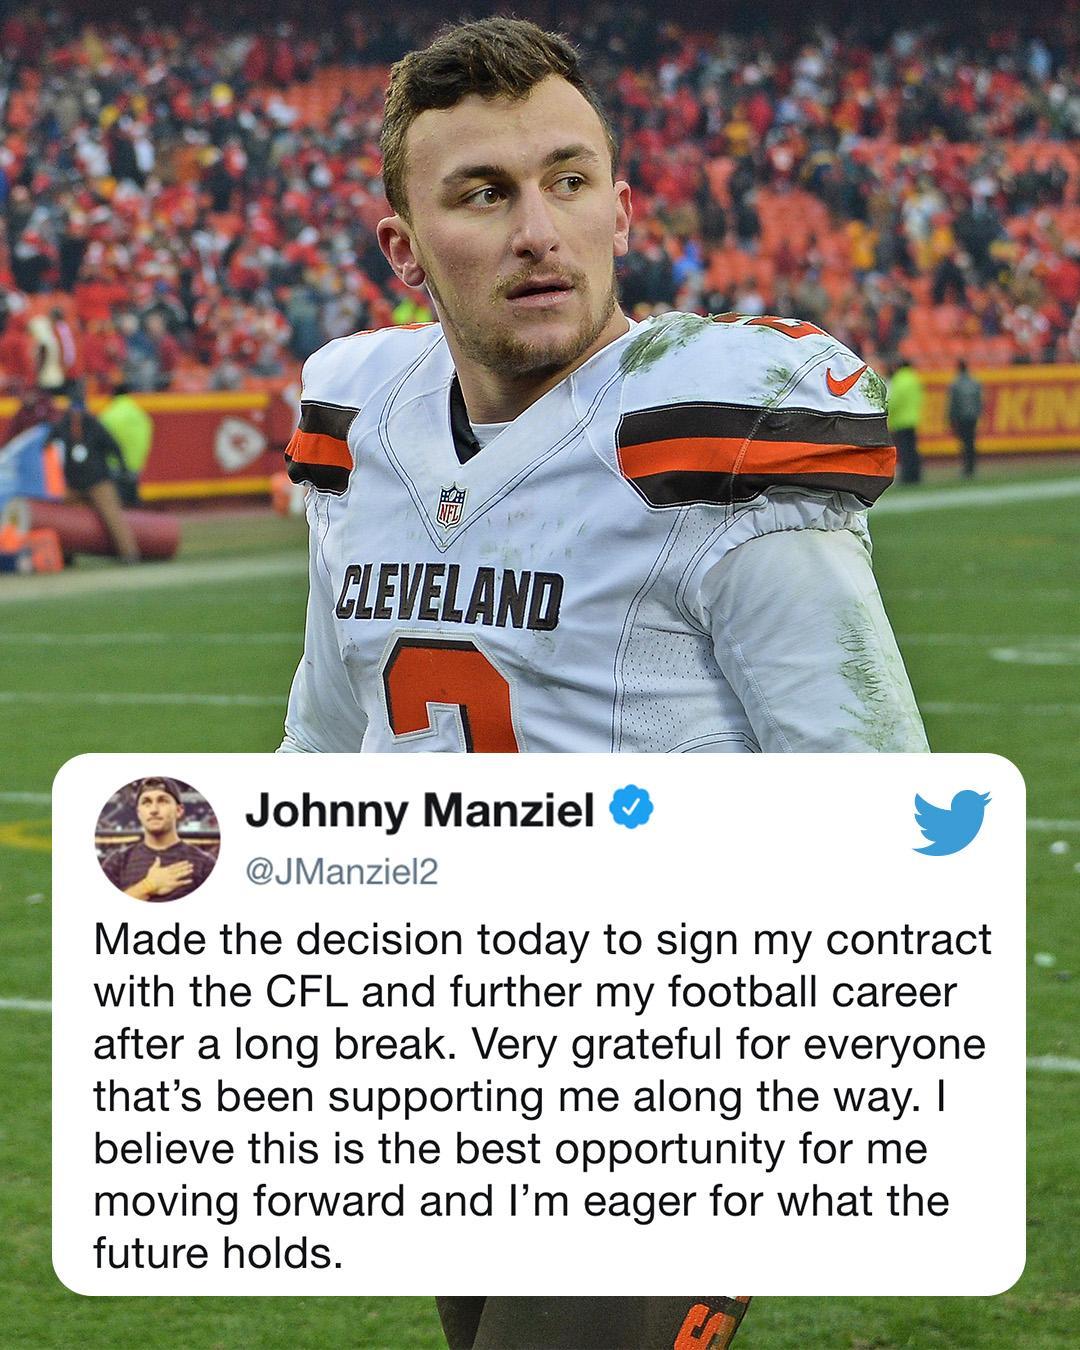 Johnny Manziel will continue his comeback with the CFL's Hamilton Tiger-Cats. https://t.co/6MVcUTNPxq